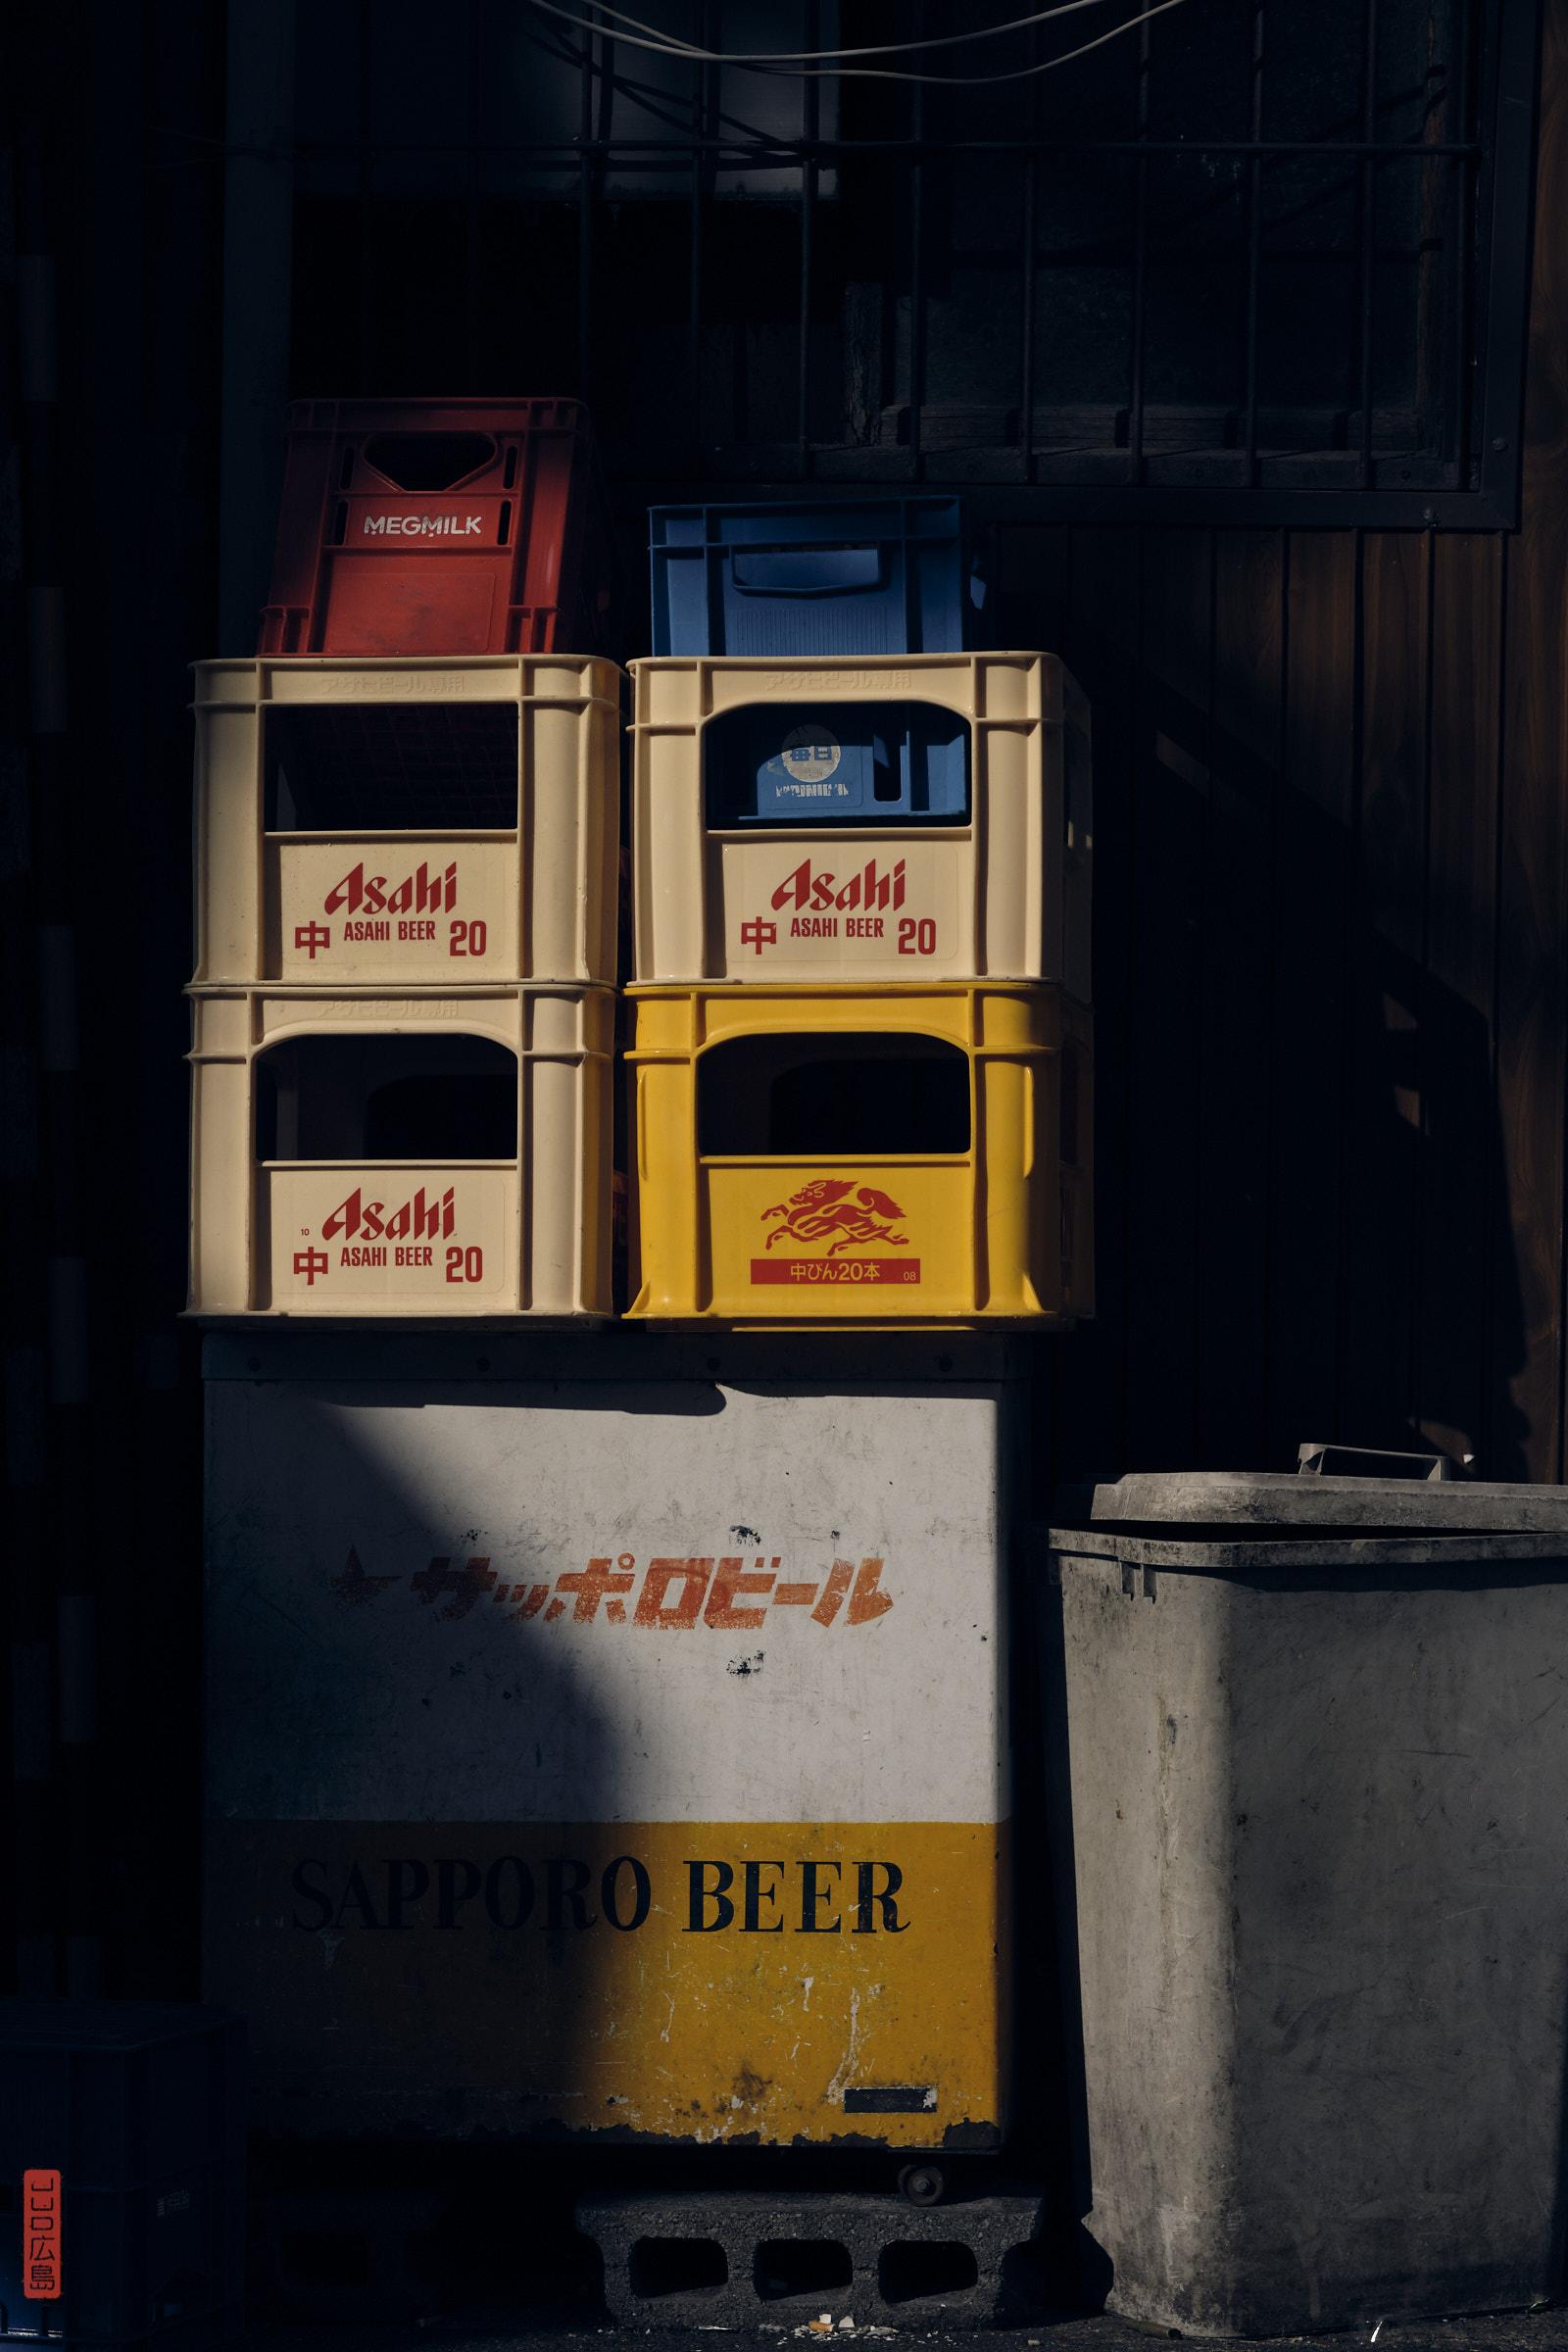 cagettes de bière Asahi